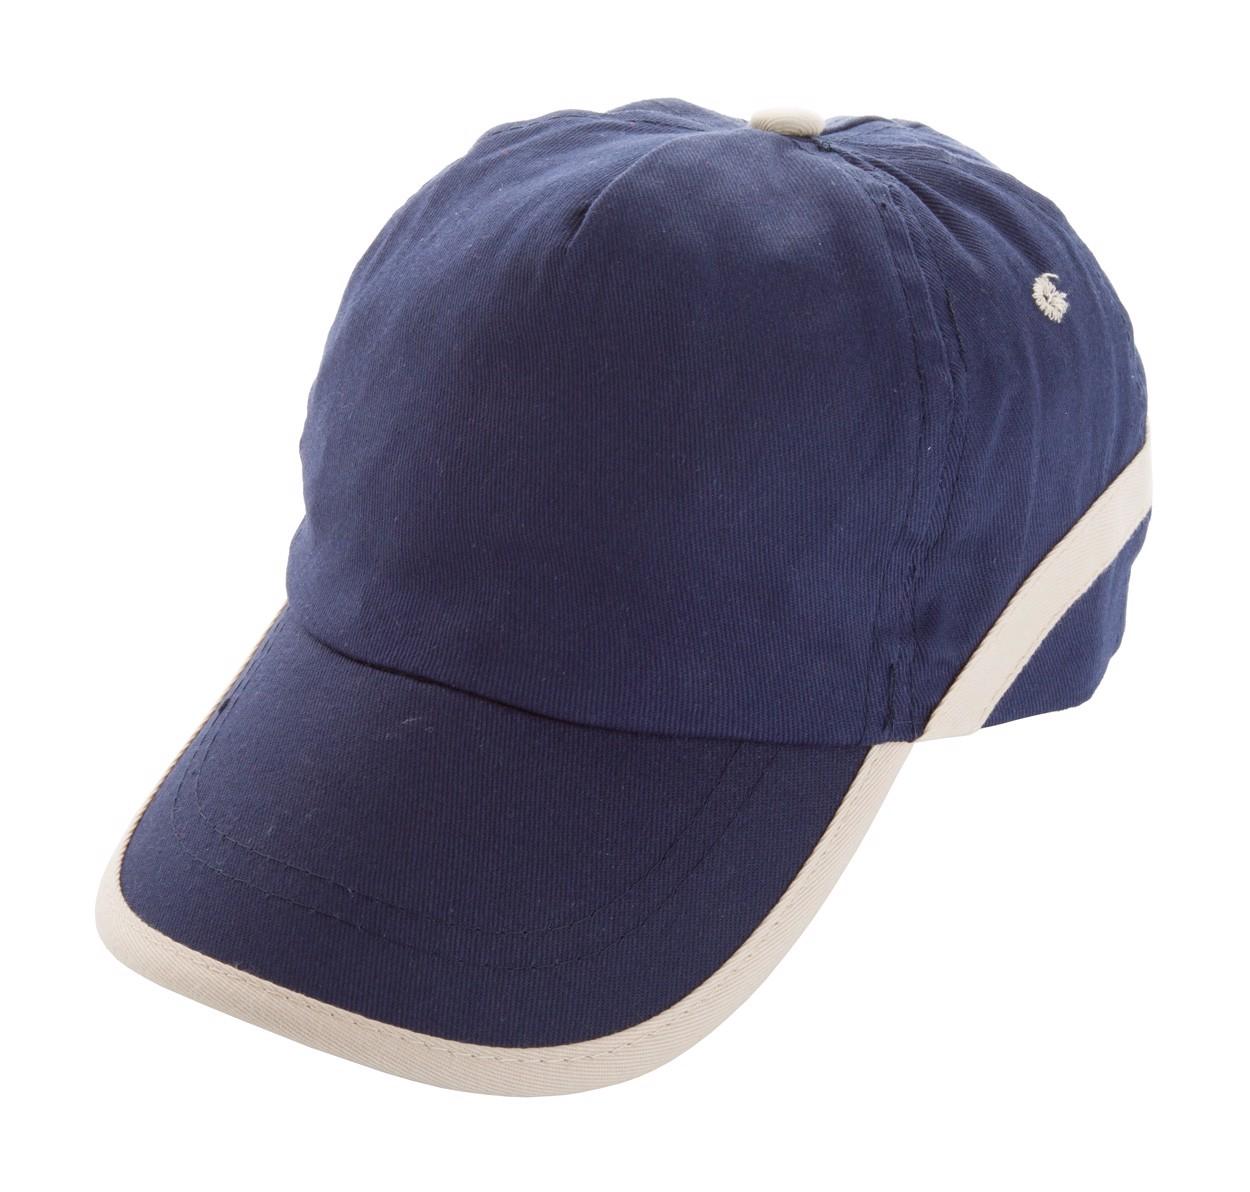 Baseballová Čepice Line - Tmavě Modrá / Béžová